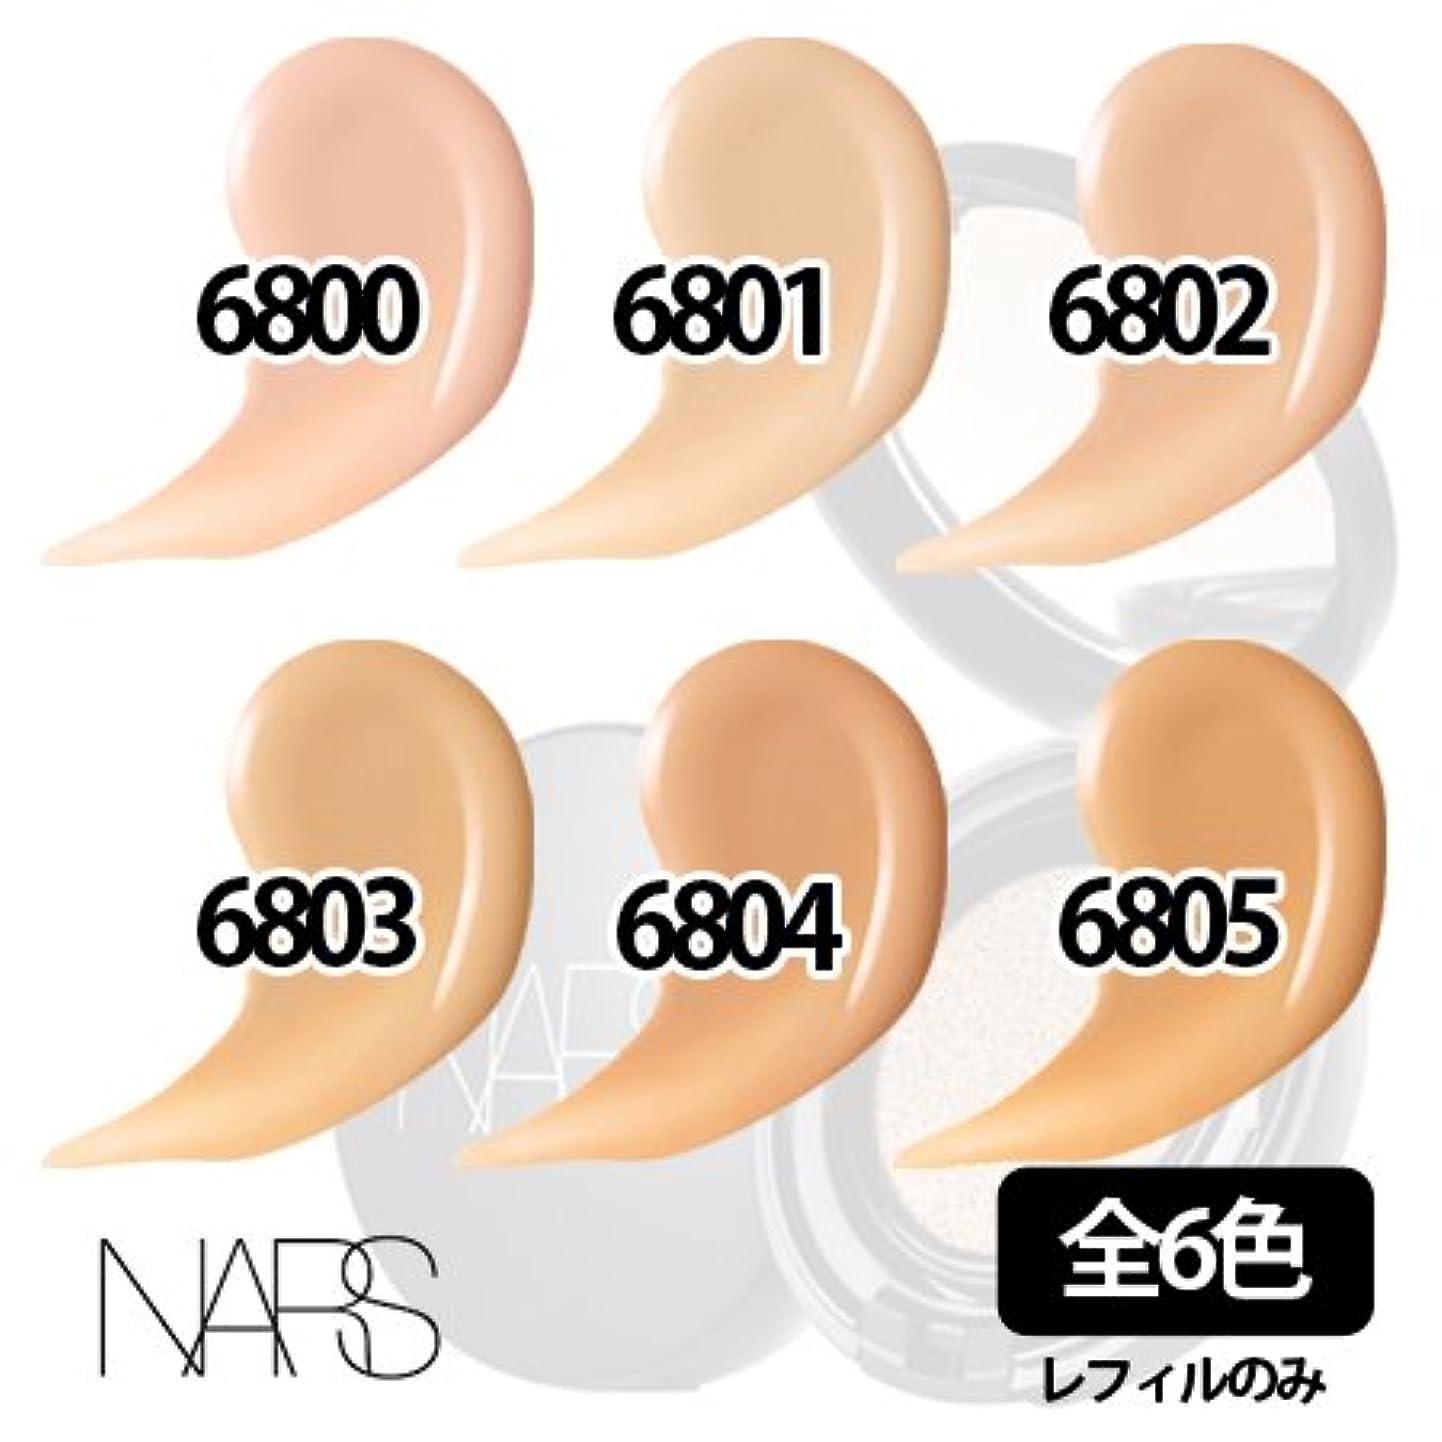 ブルゴーニュ女性再生可能ナーズ アクアティック グロー クッションコンパクト 全6色 [アジア限定] -NARS- (レフィルのみ ※スポンジ付き) 【並行輸入品】 6802